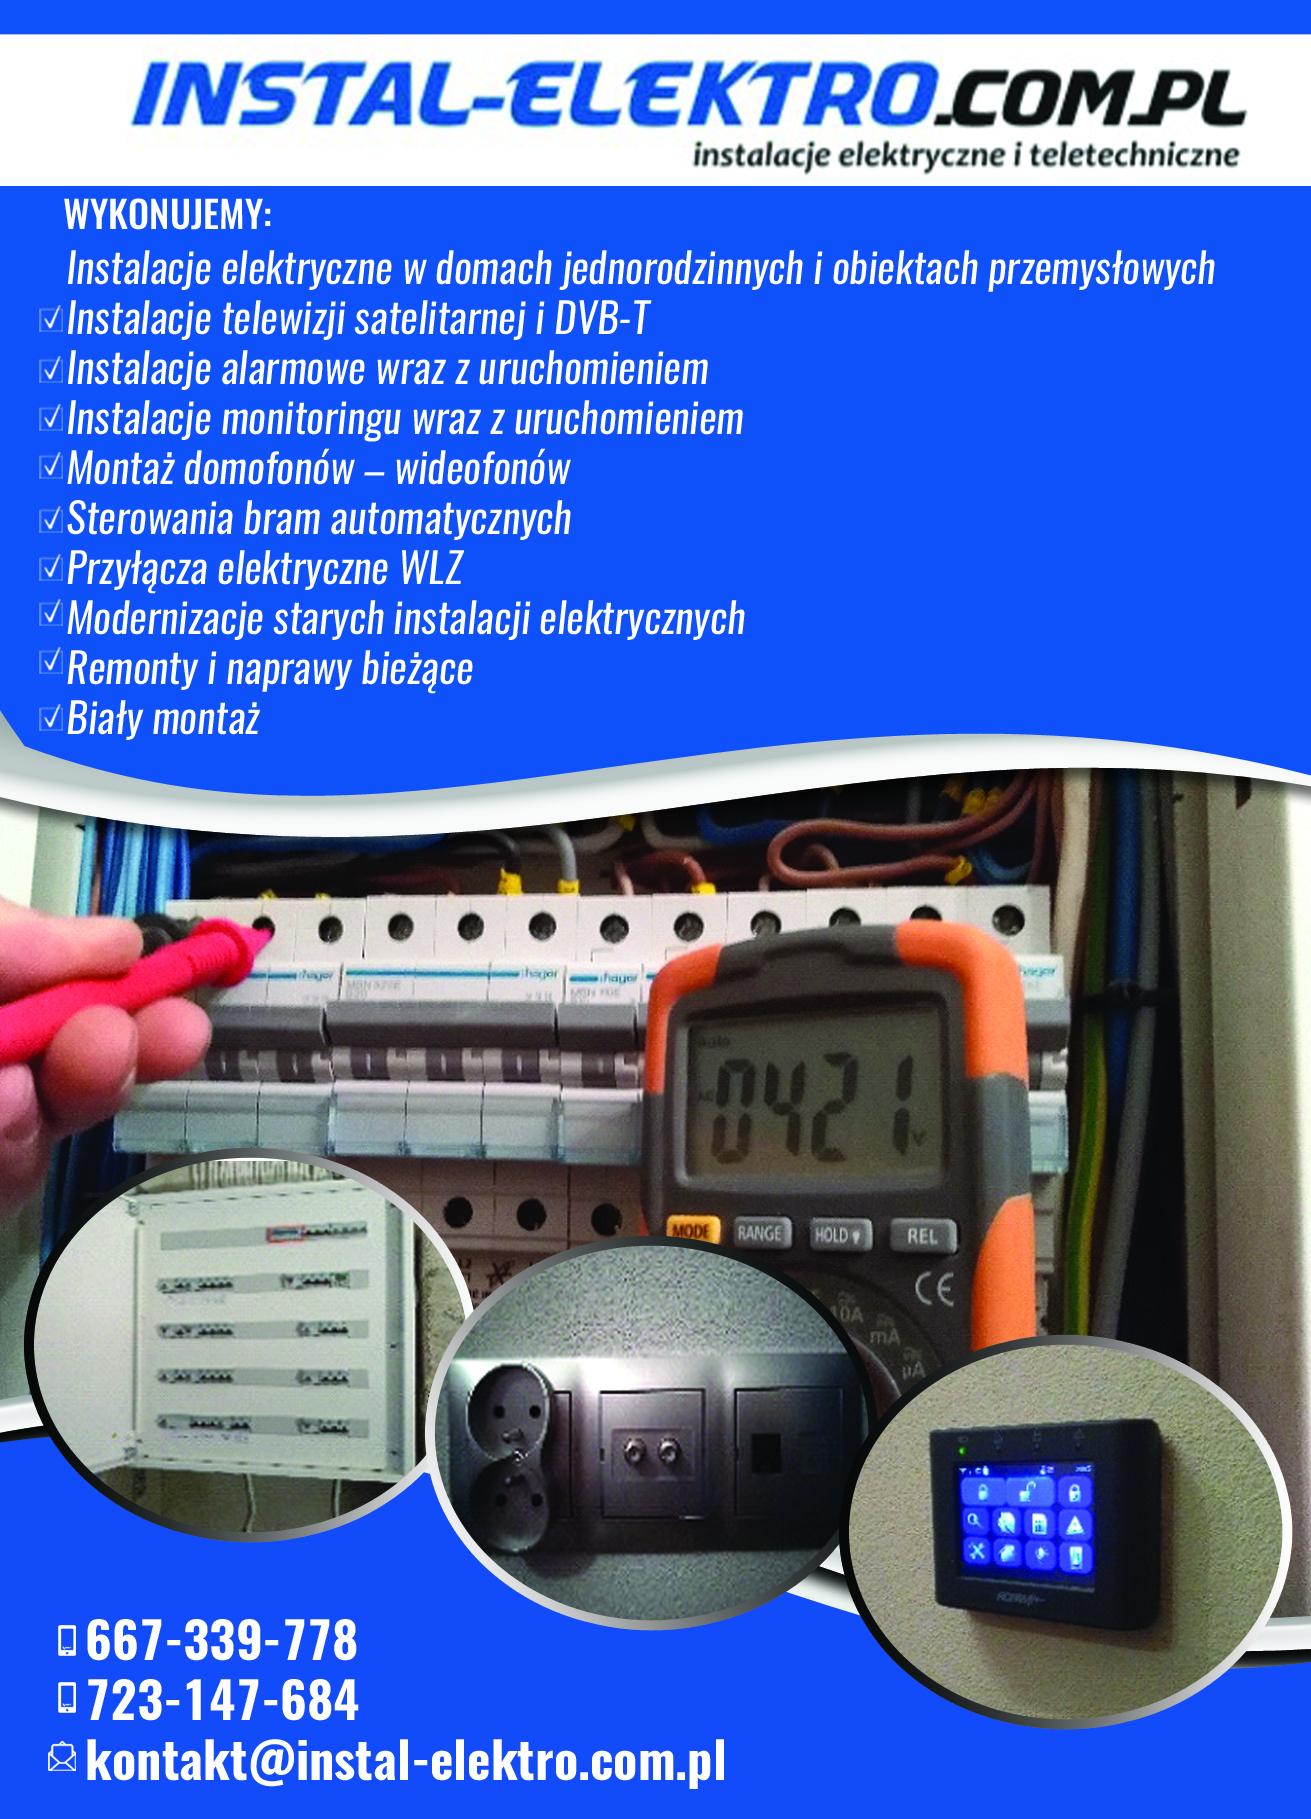 instalacje elektryczne, alarmy, monitoring, remonty, naprawy, biały montaż